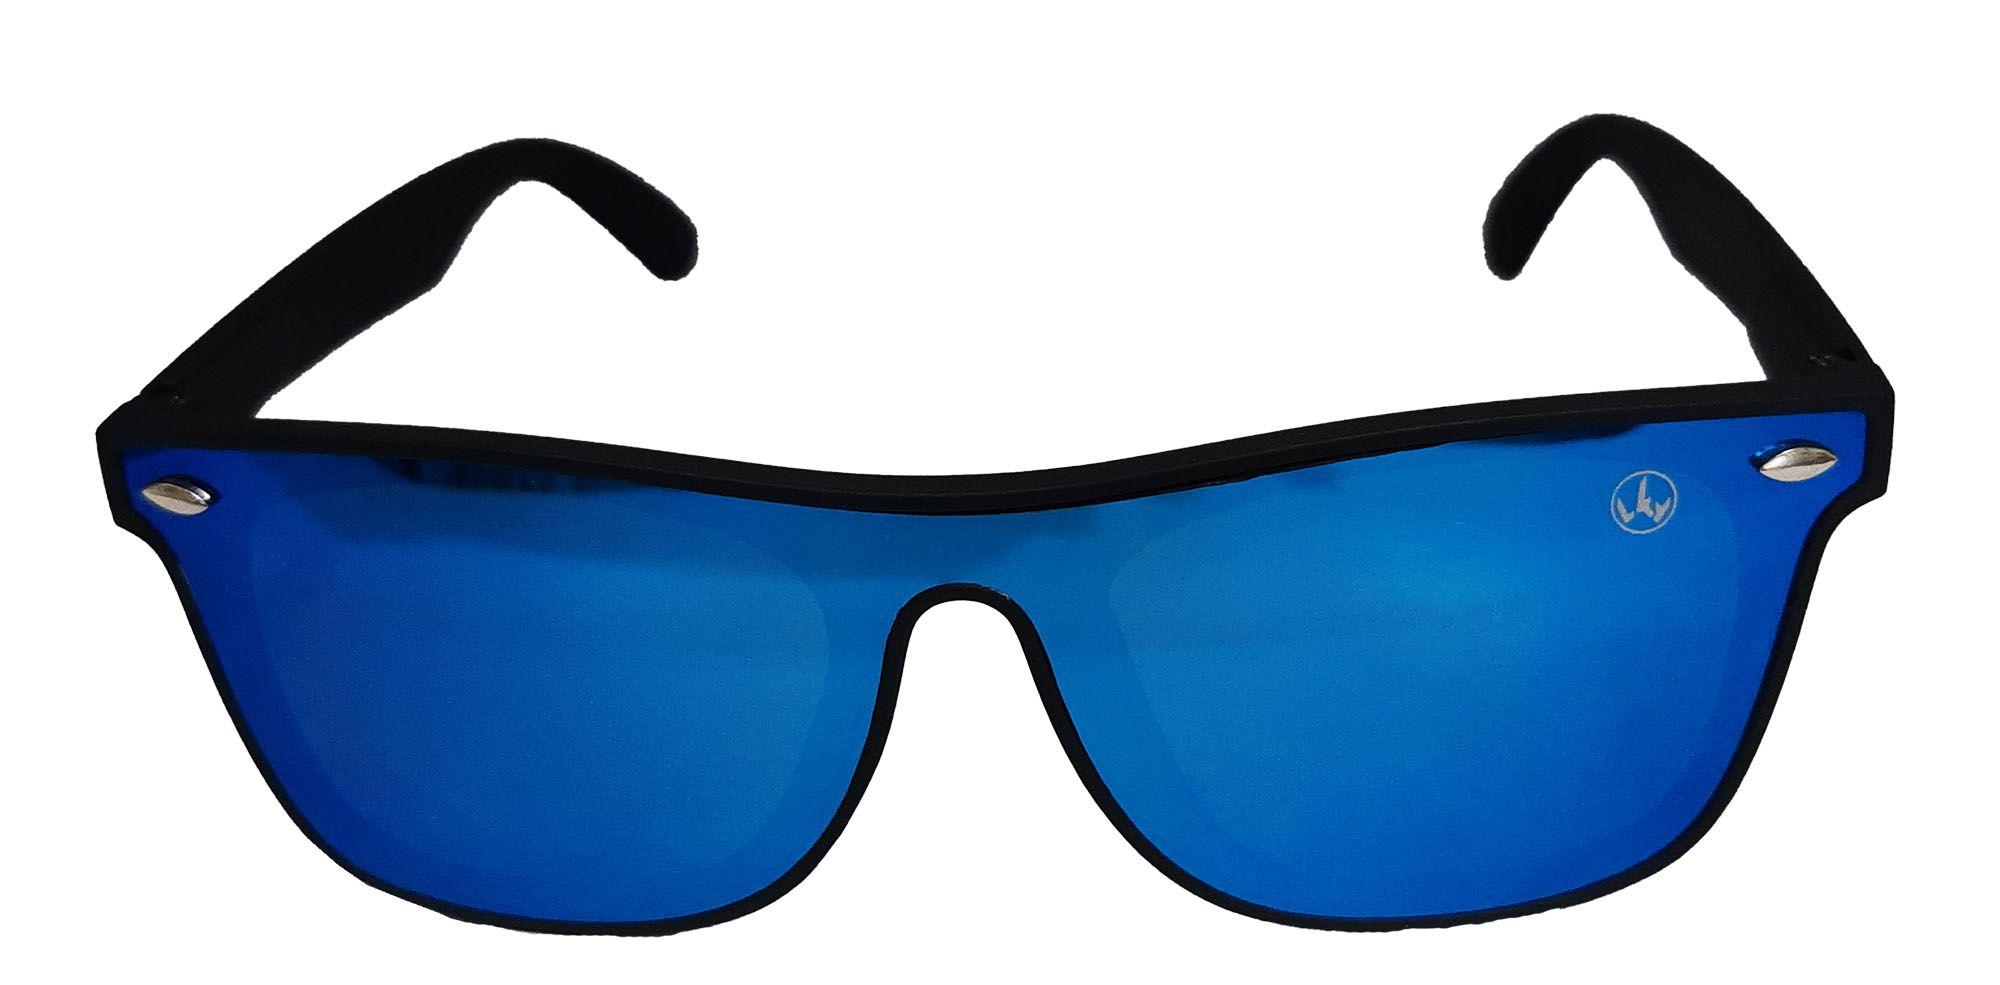 Óculos de sol Lucky81